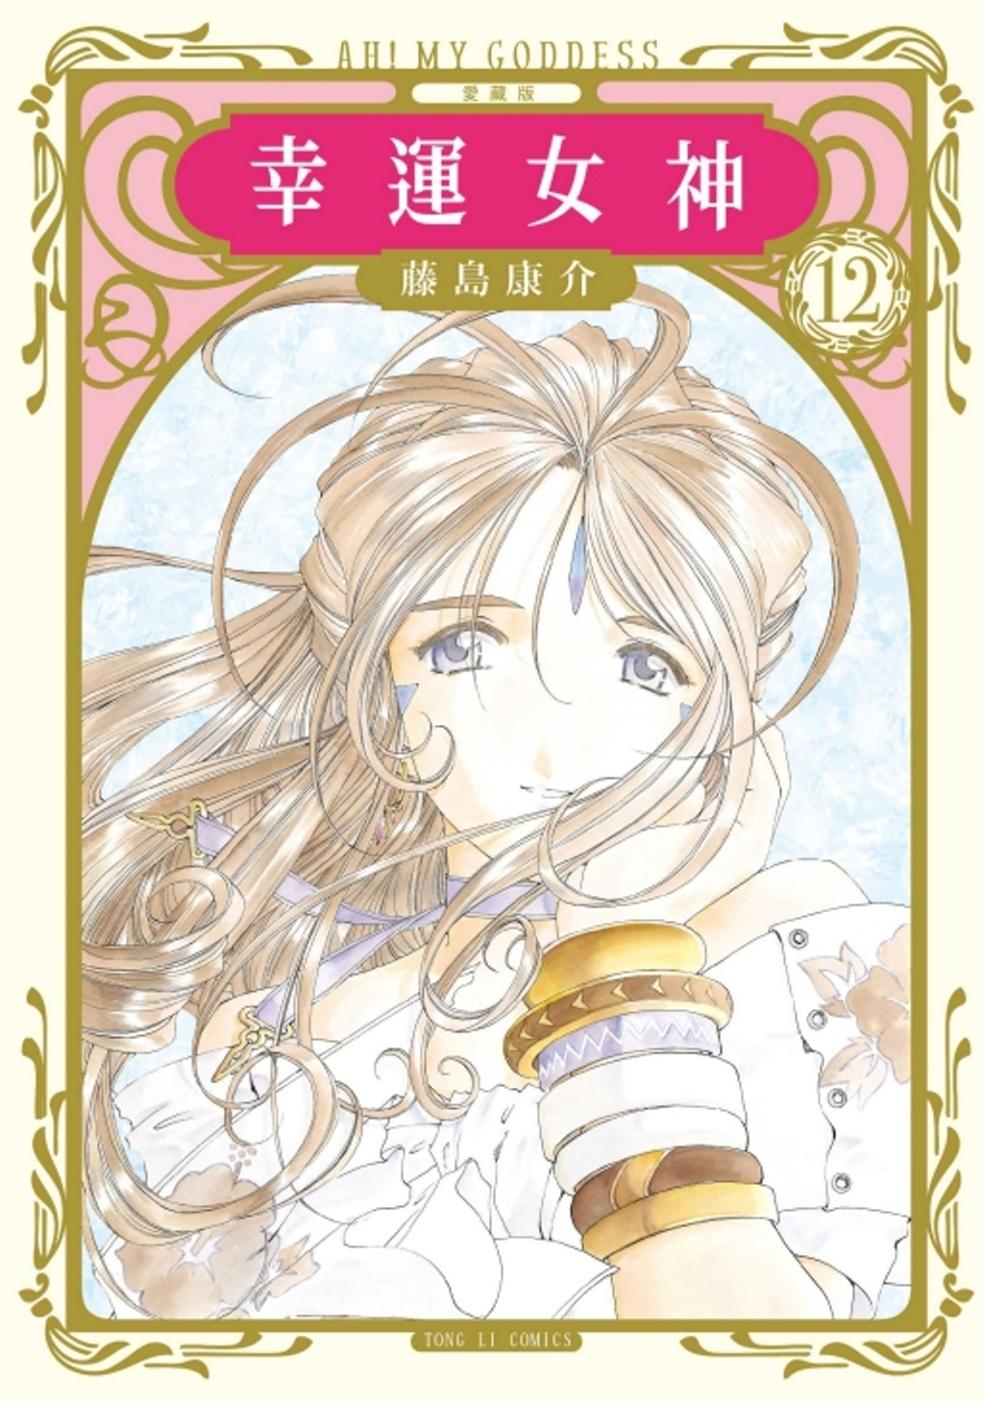 幸運女神 愛藏版 12 (首刷附錄版)